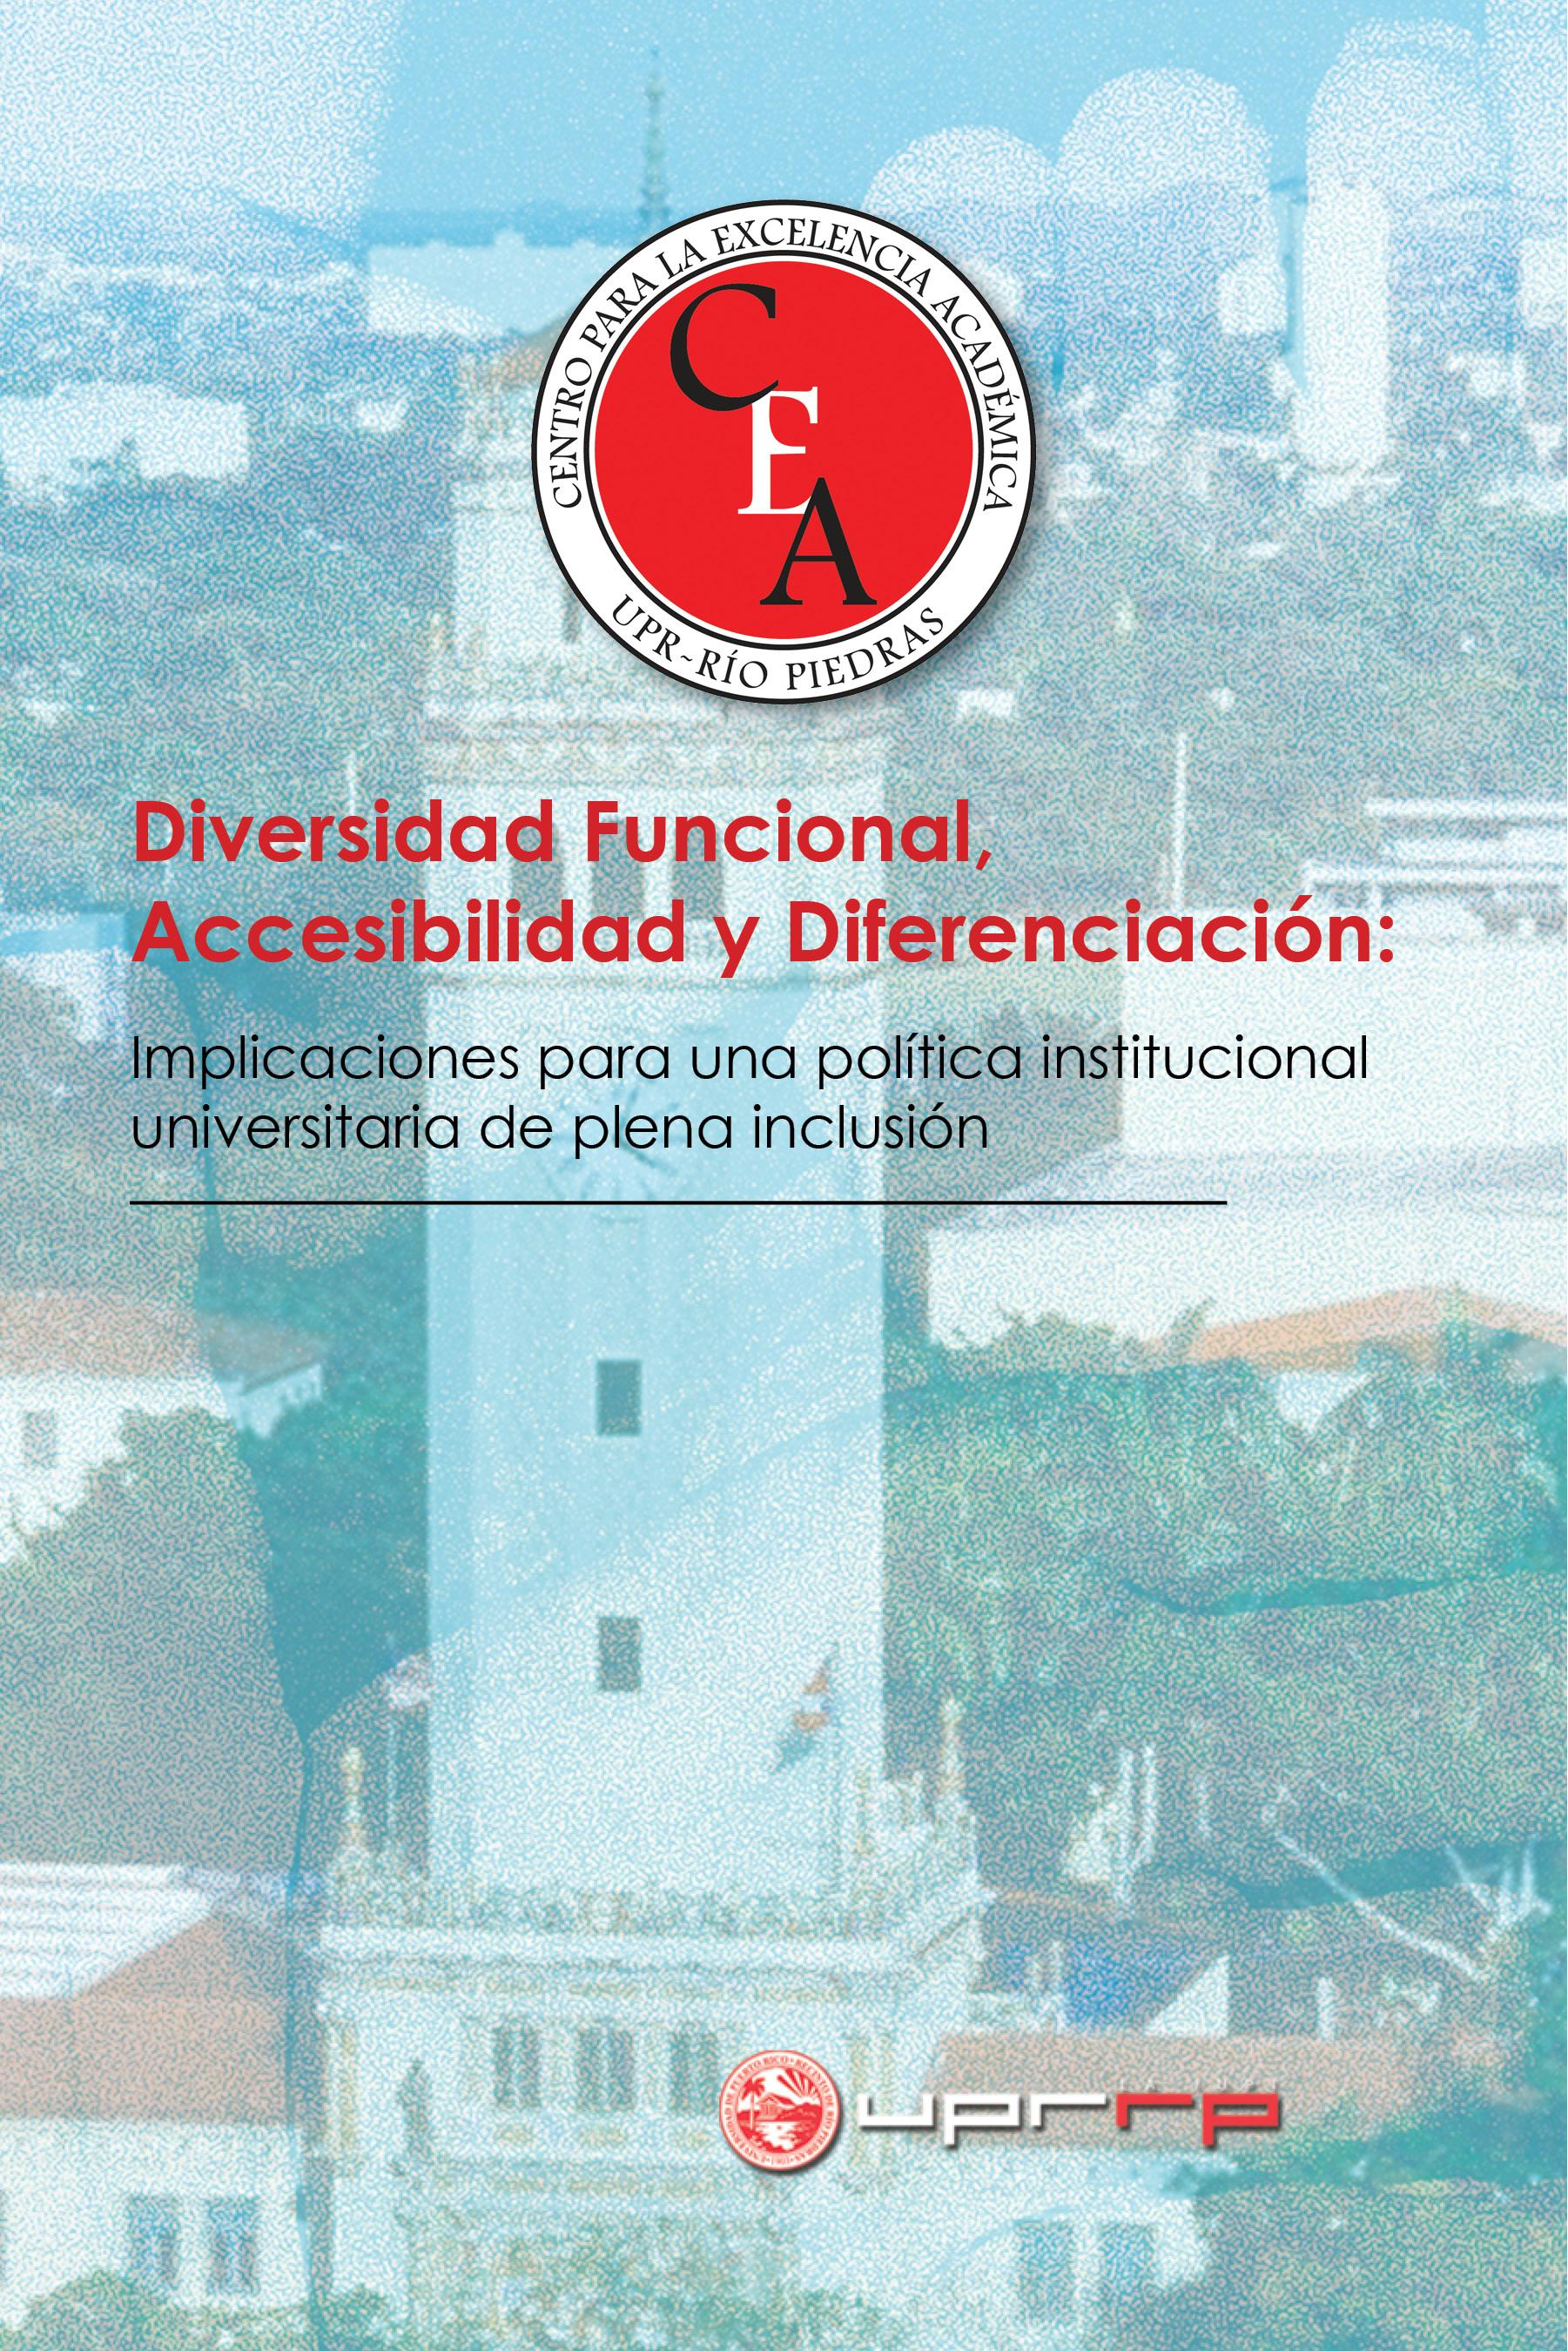 Portada del Libro: Diversidad Funcional, Accesibilidad y Diferenciación